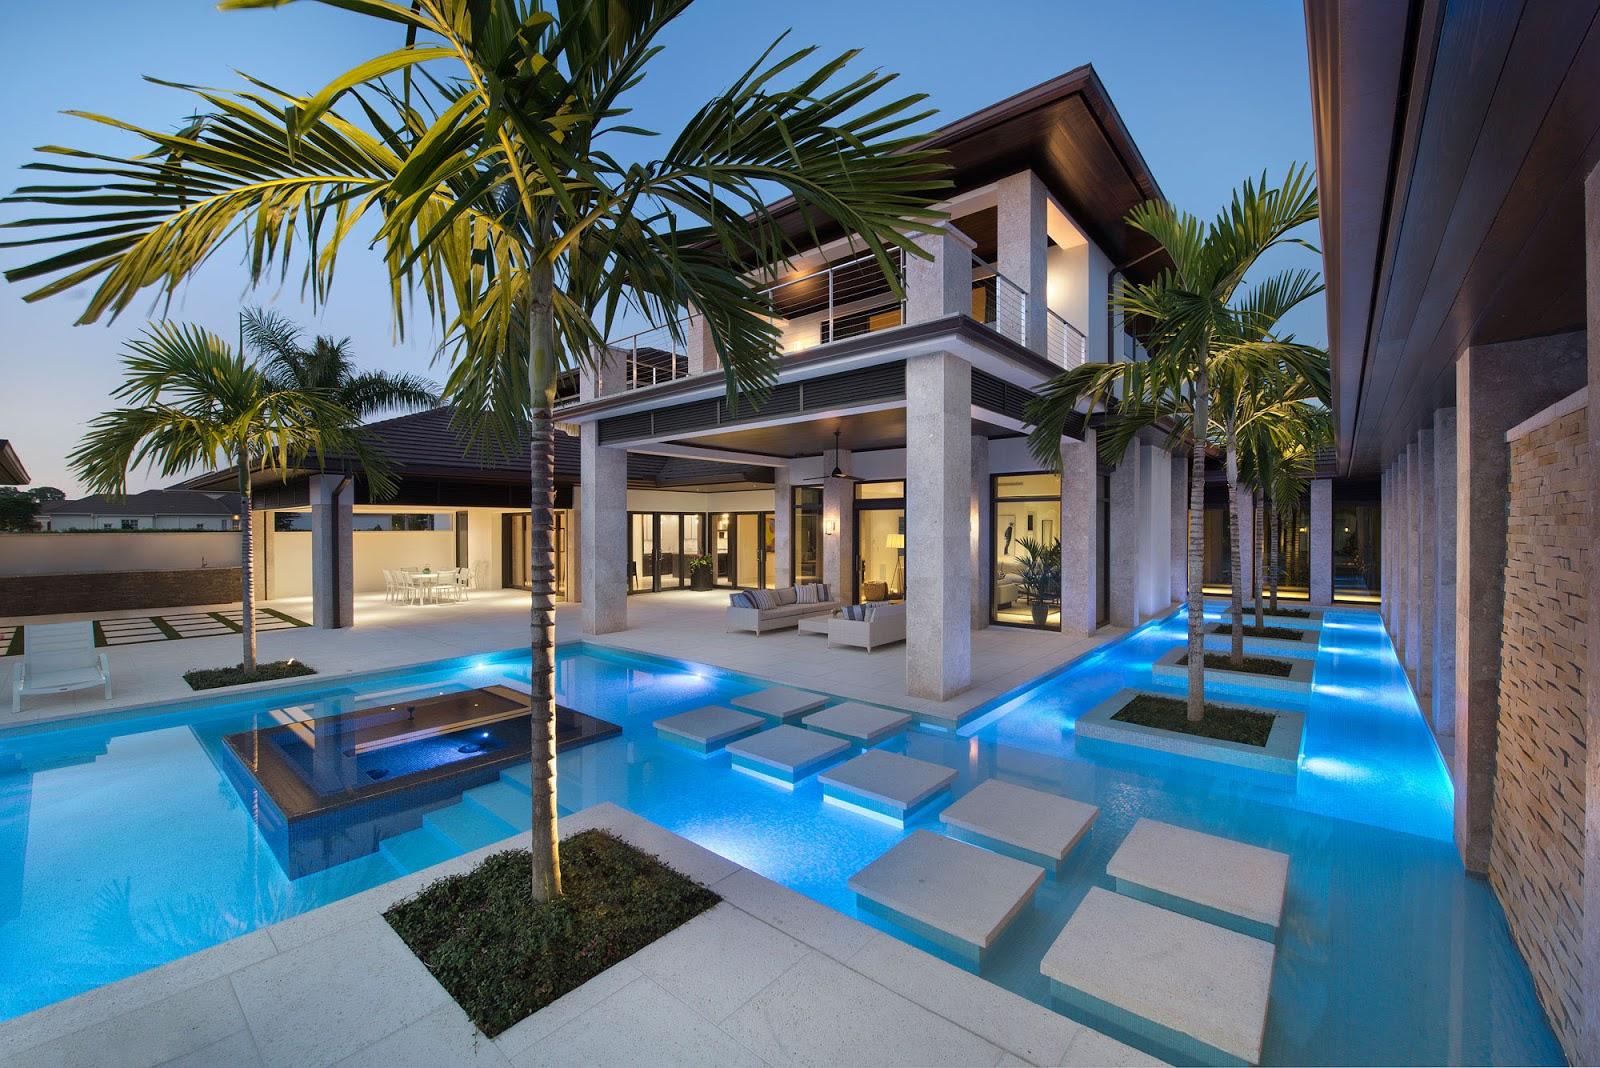 Ike Home Design Home Design Ideas Architectural Custom Dream Custom Home Designs Florida